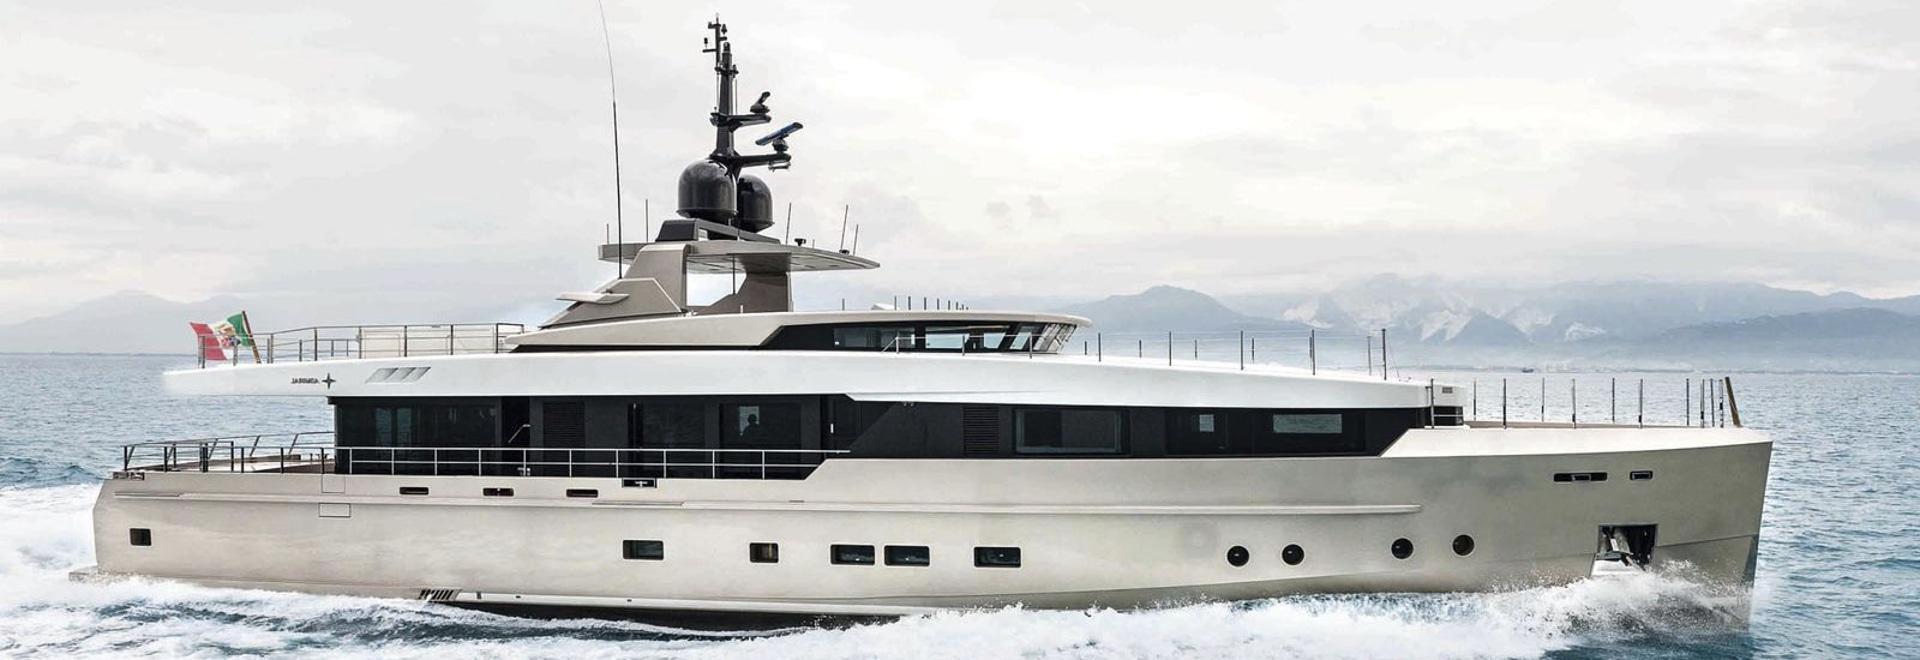 NEU: Forscher Super-yacht durch Admiralyachten